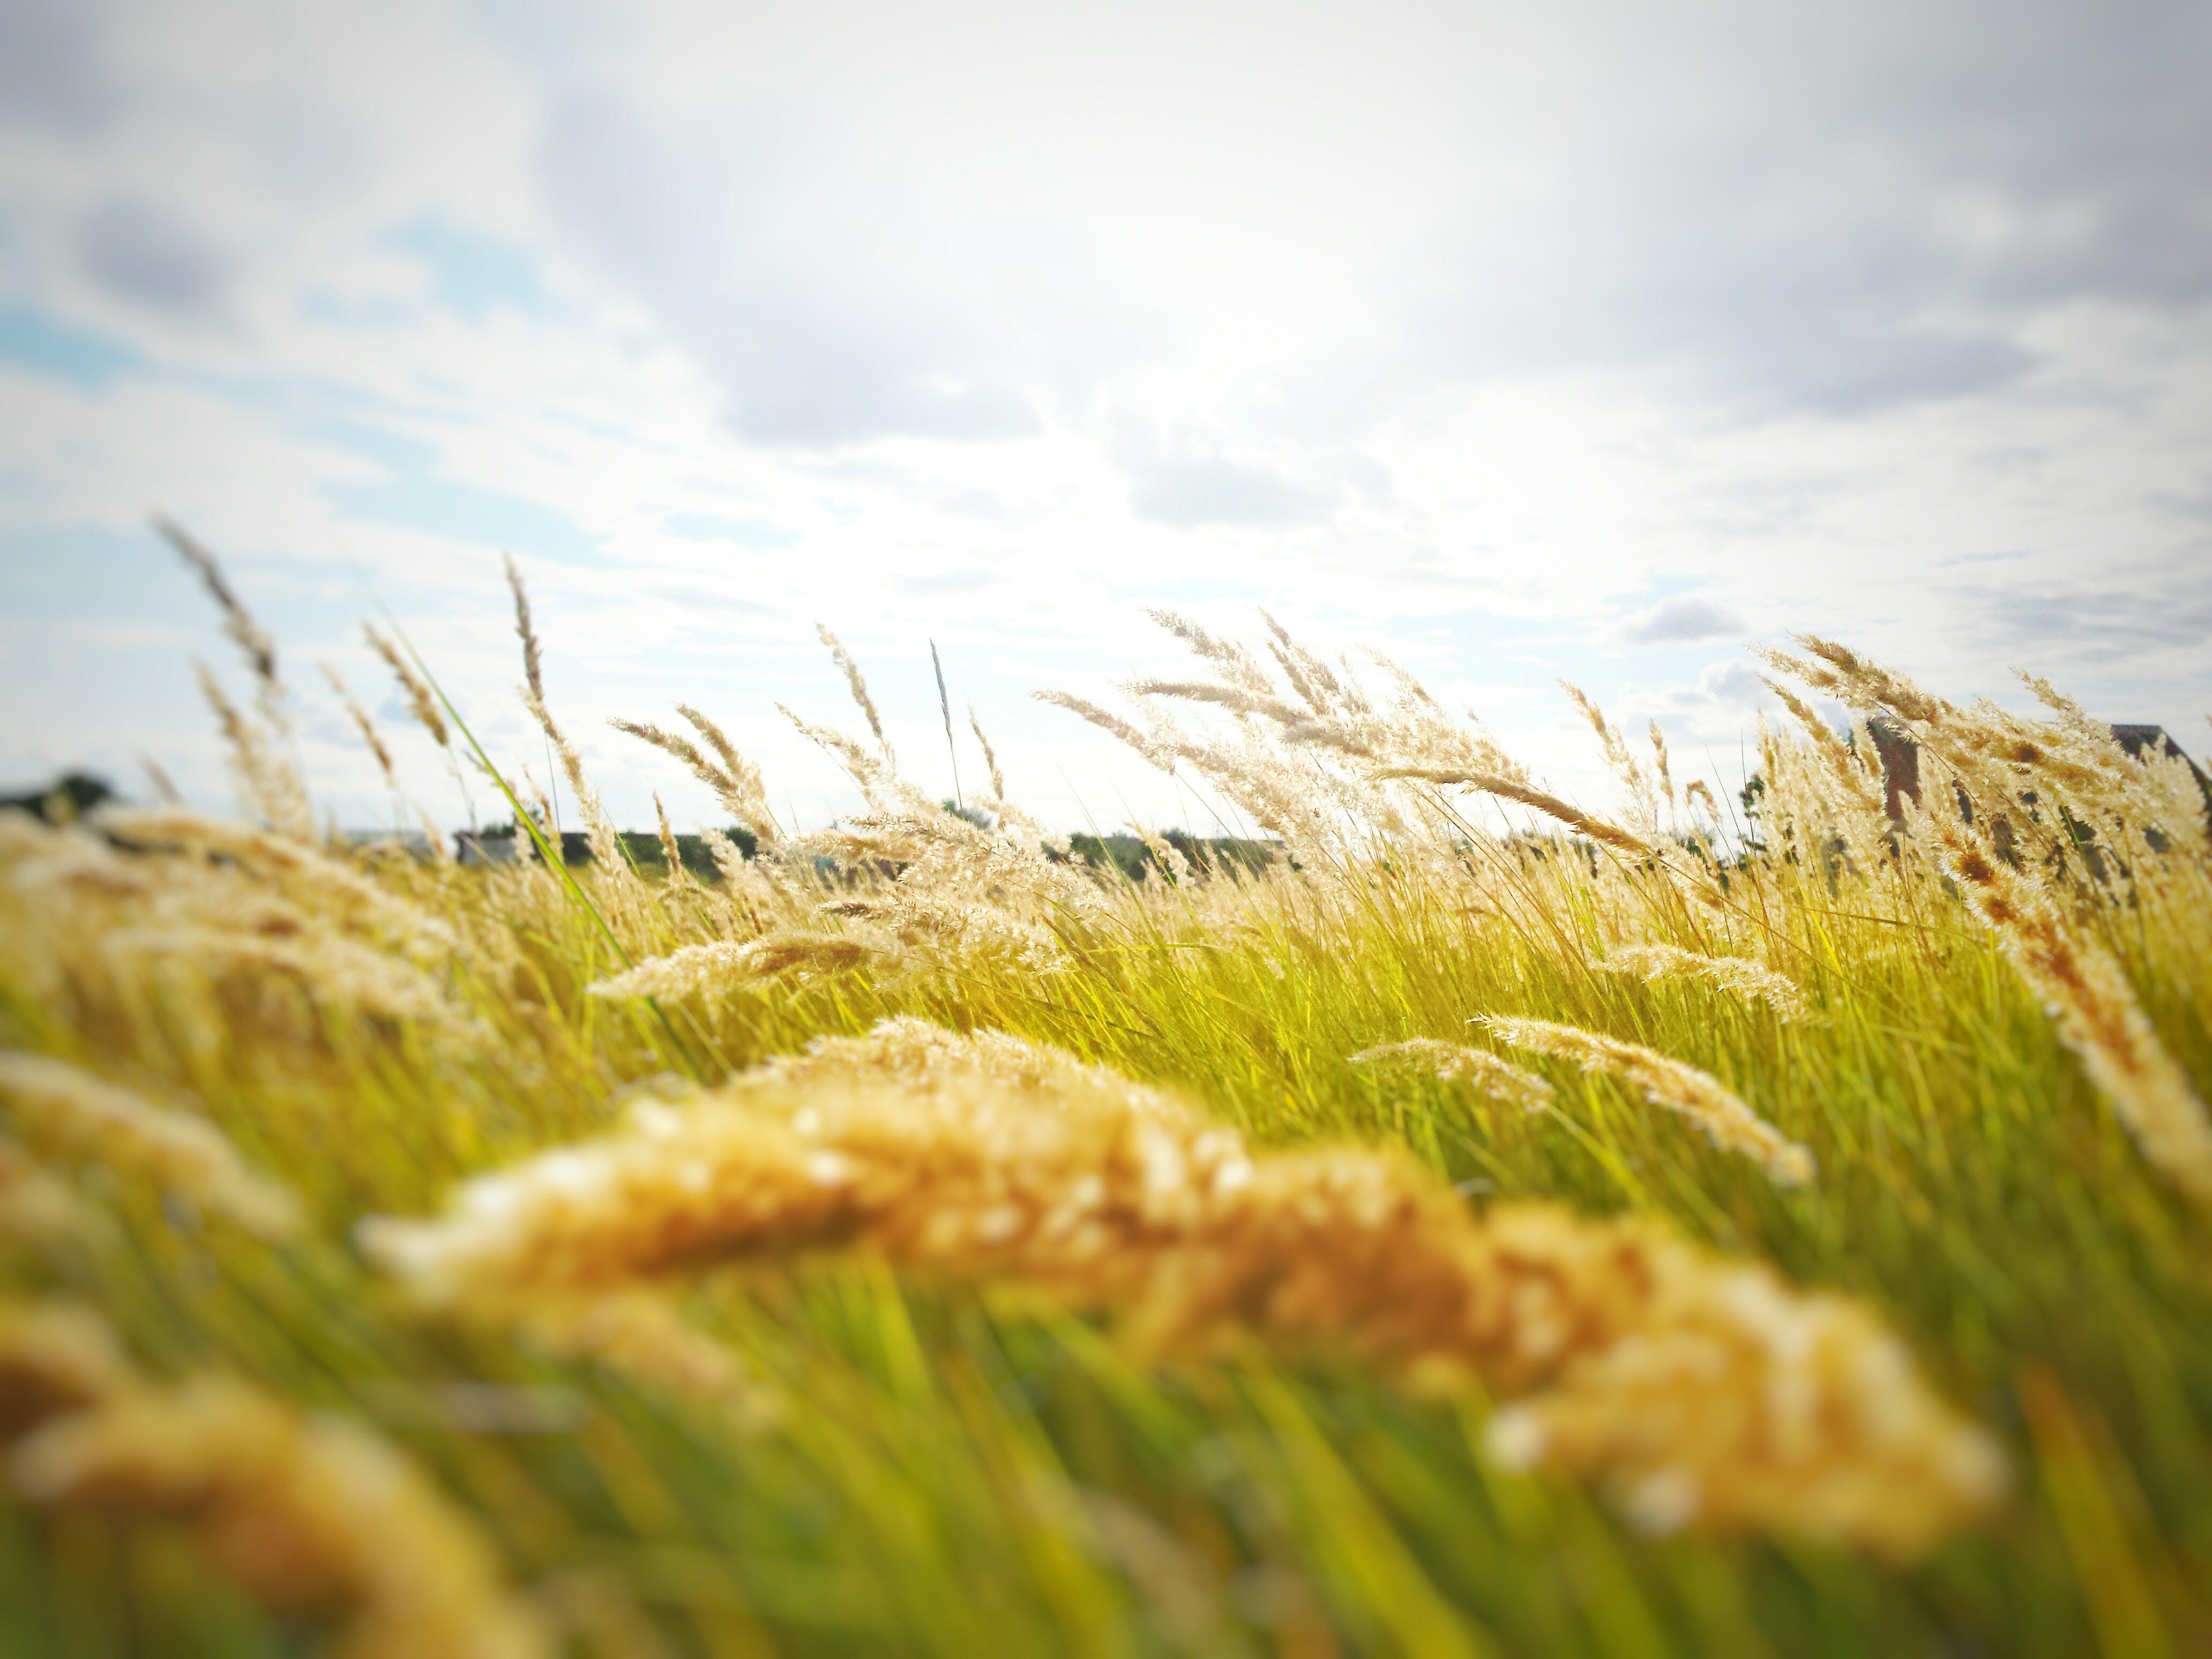 Kans Grass Under Cloudy Sky